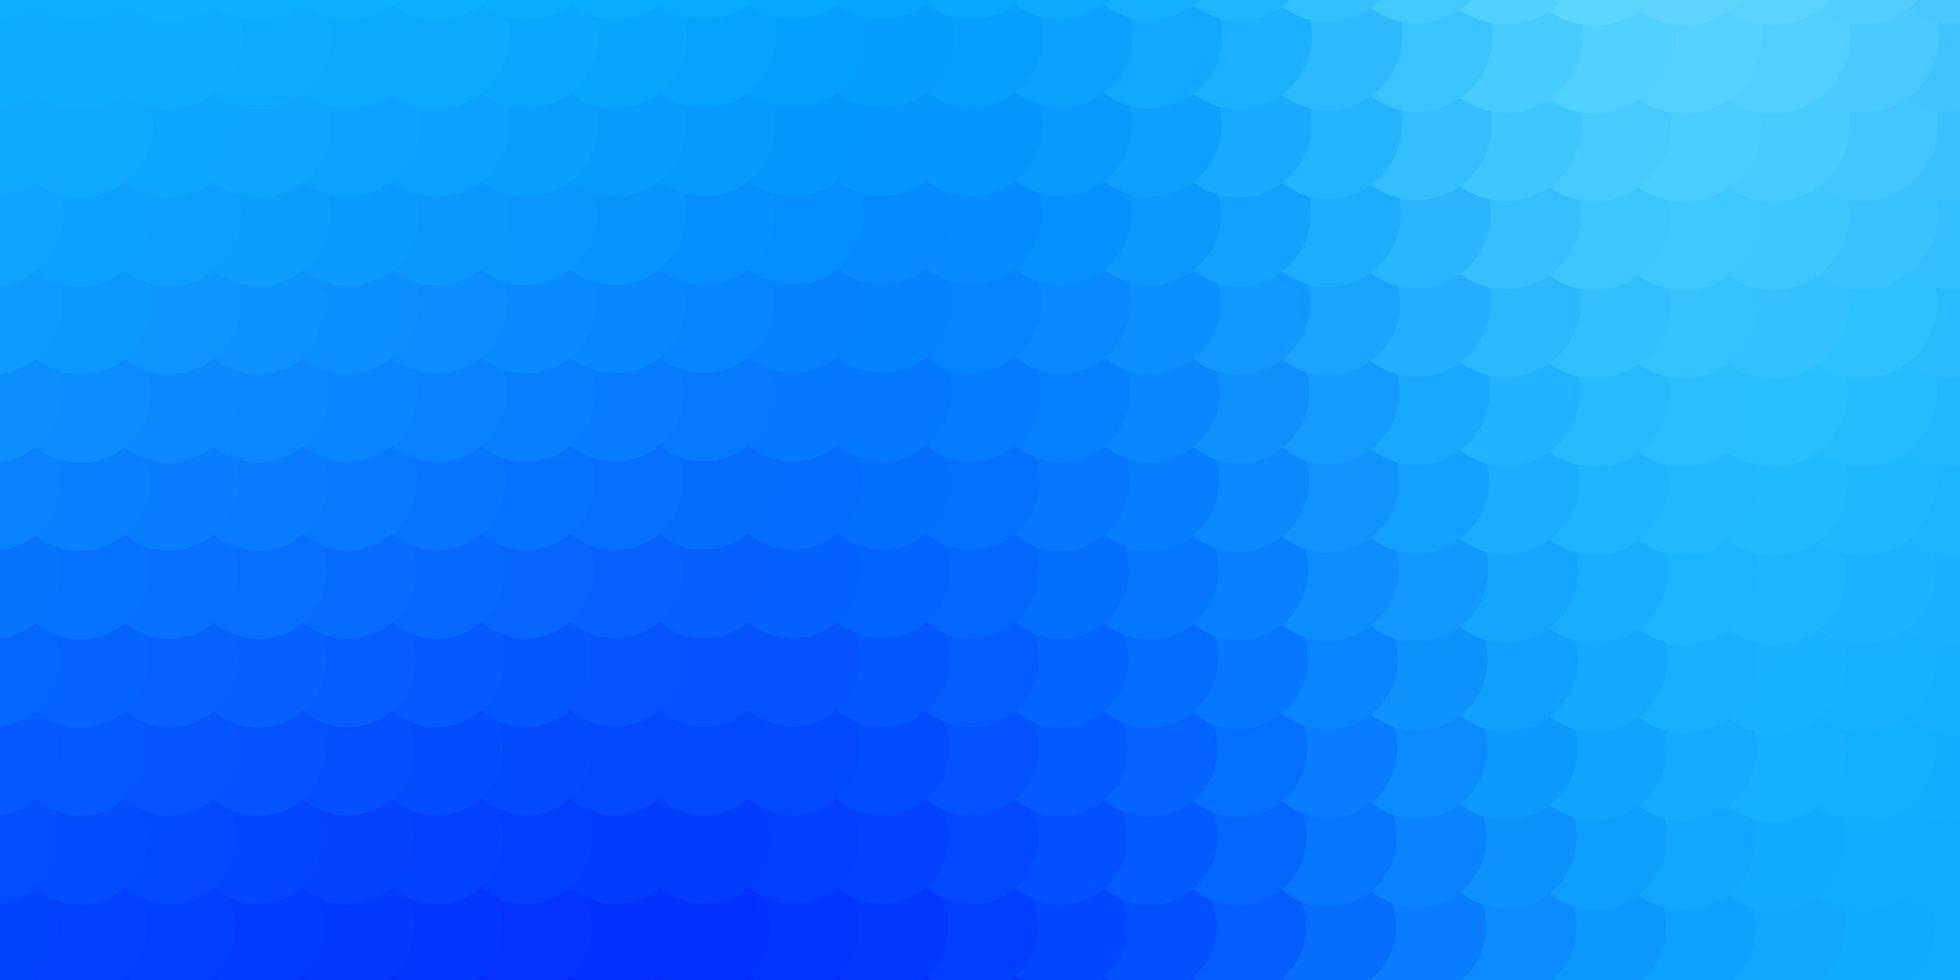 lichtblauw vector sjabloon met cirkels.